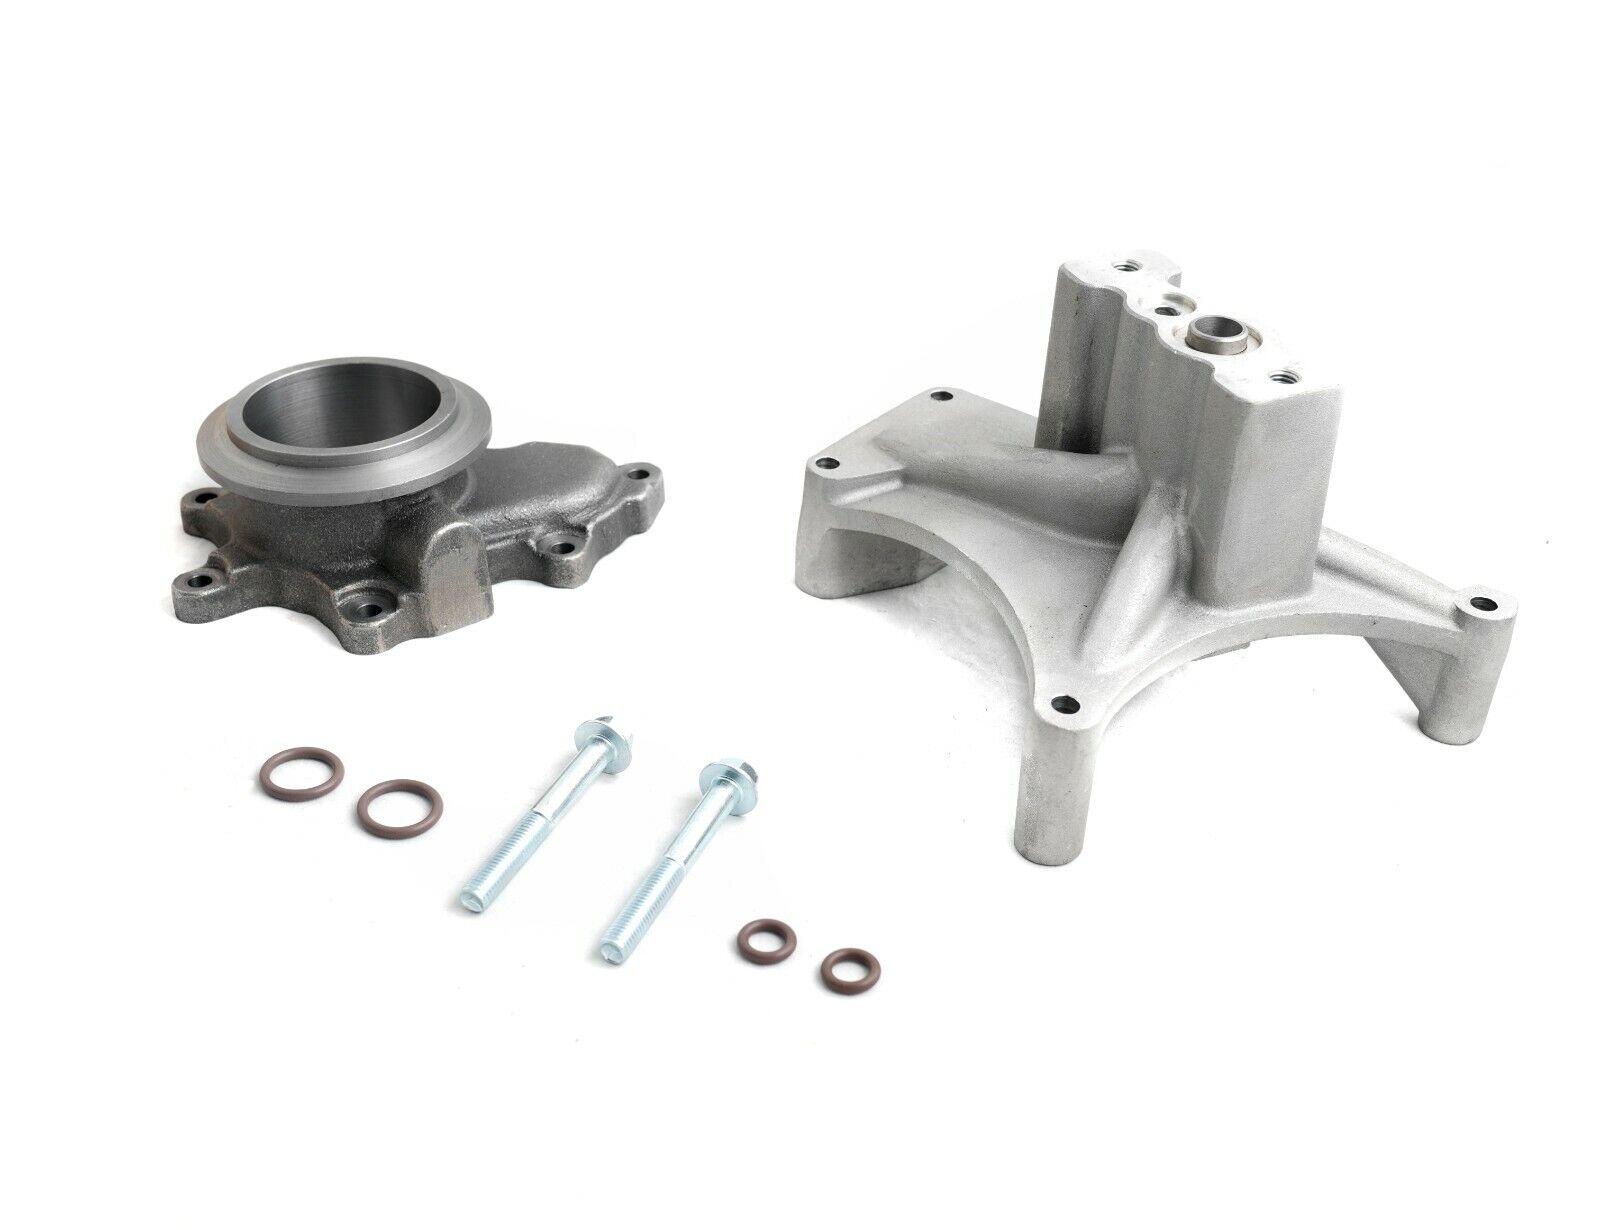 NON EBV Turbo Pedestal O-Rings /& Bolts 1999.5-2003 Ford 7.3L Powerstroke Diesel